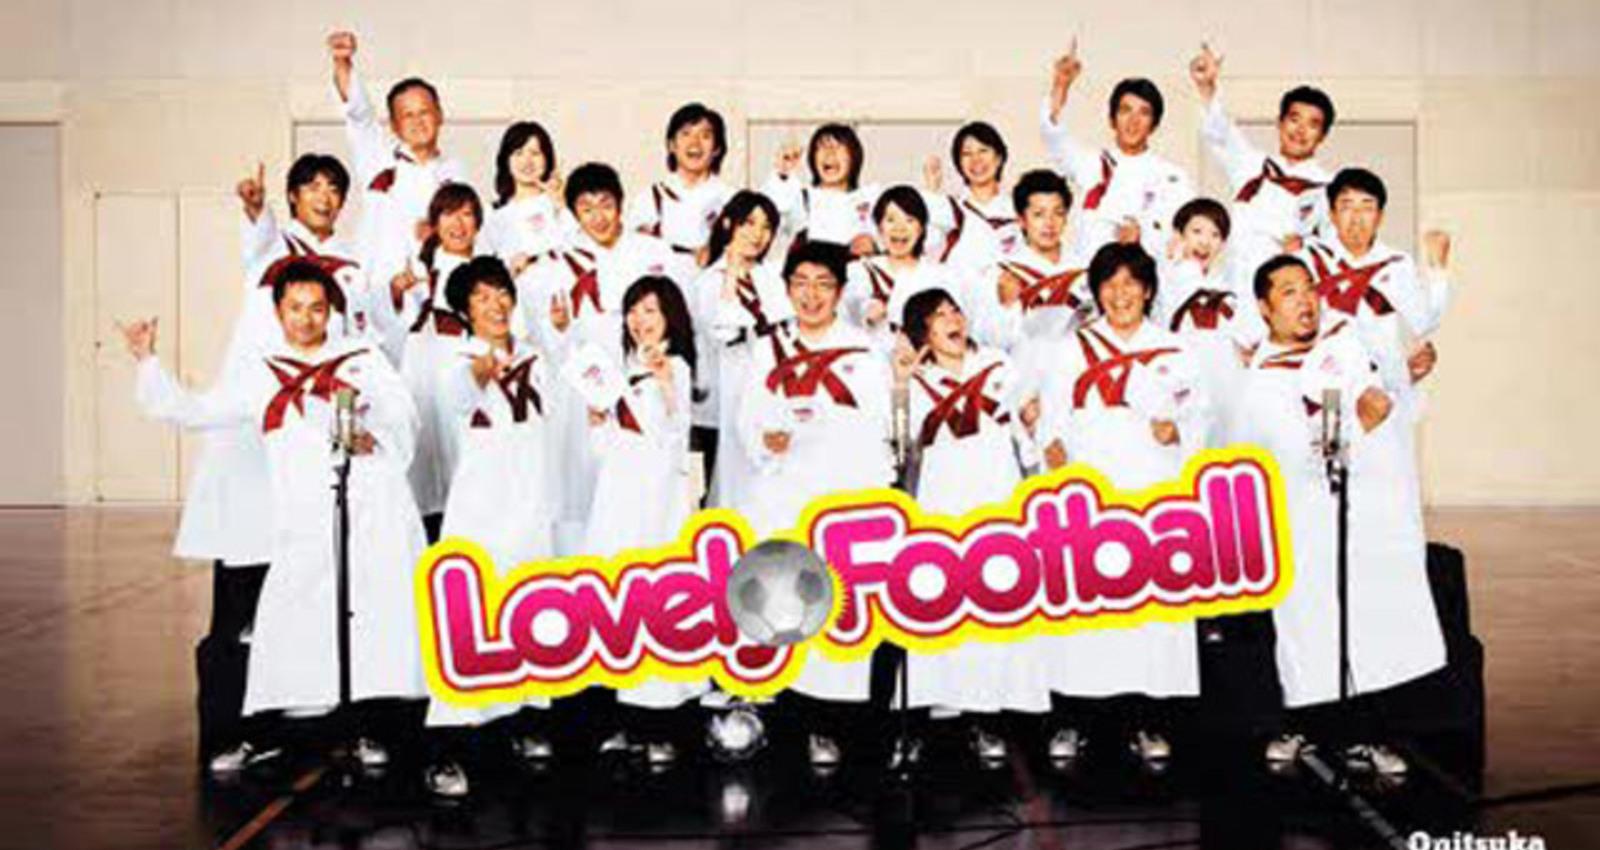 Lovely Football